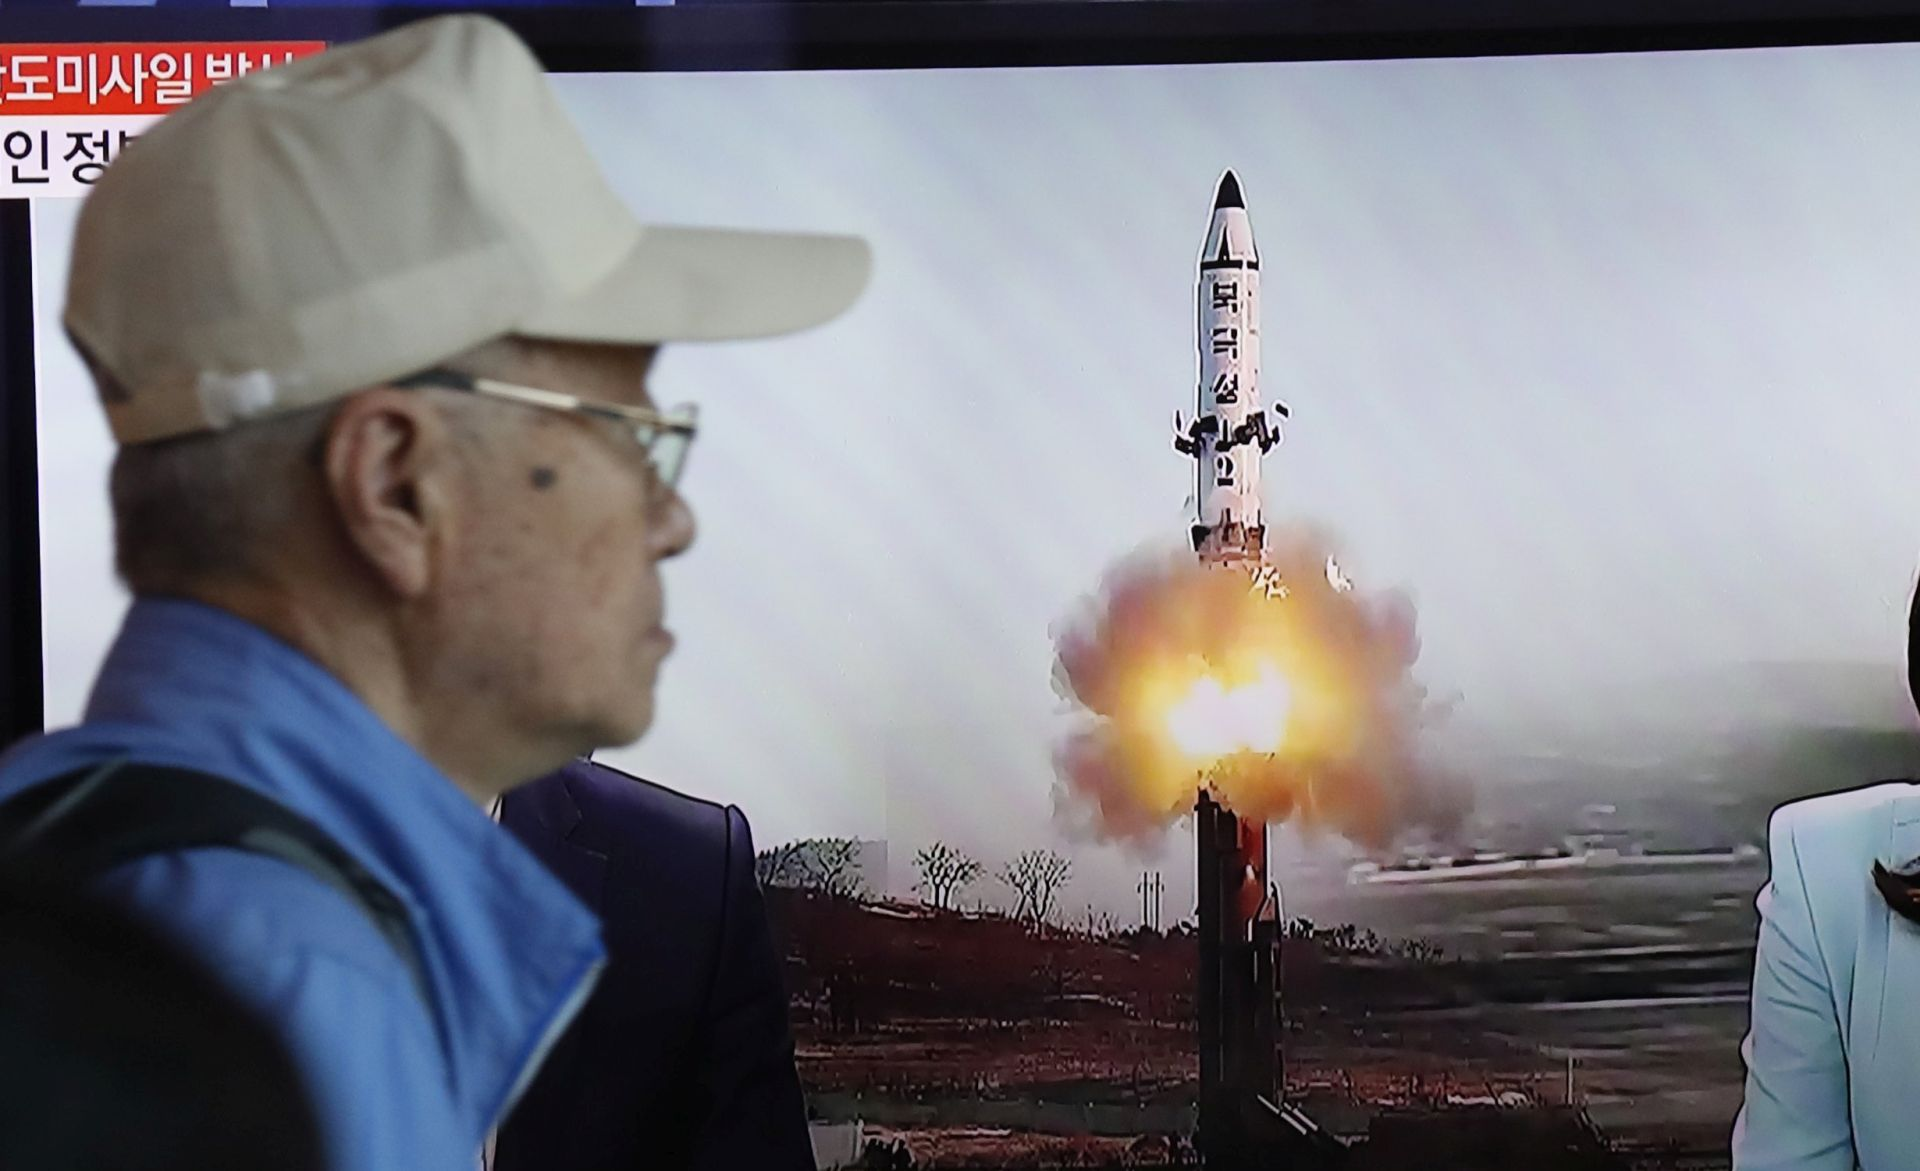 Vijeće sigurnosti UN-a najavilo sankcije nakon sjevernokorejskog ispaljivanja rakete